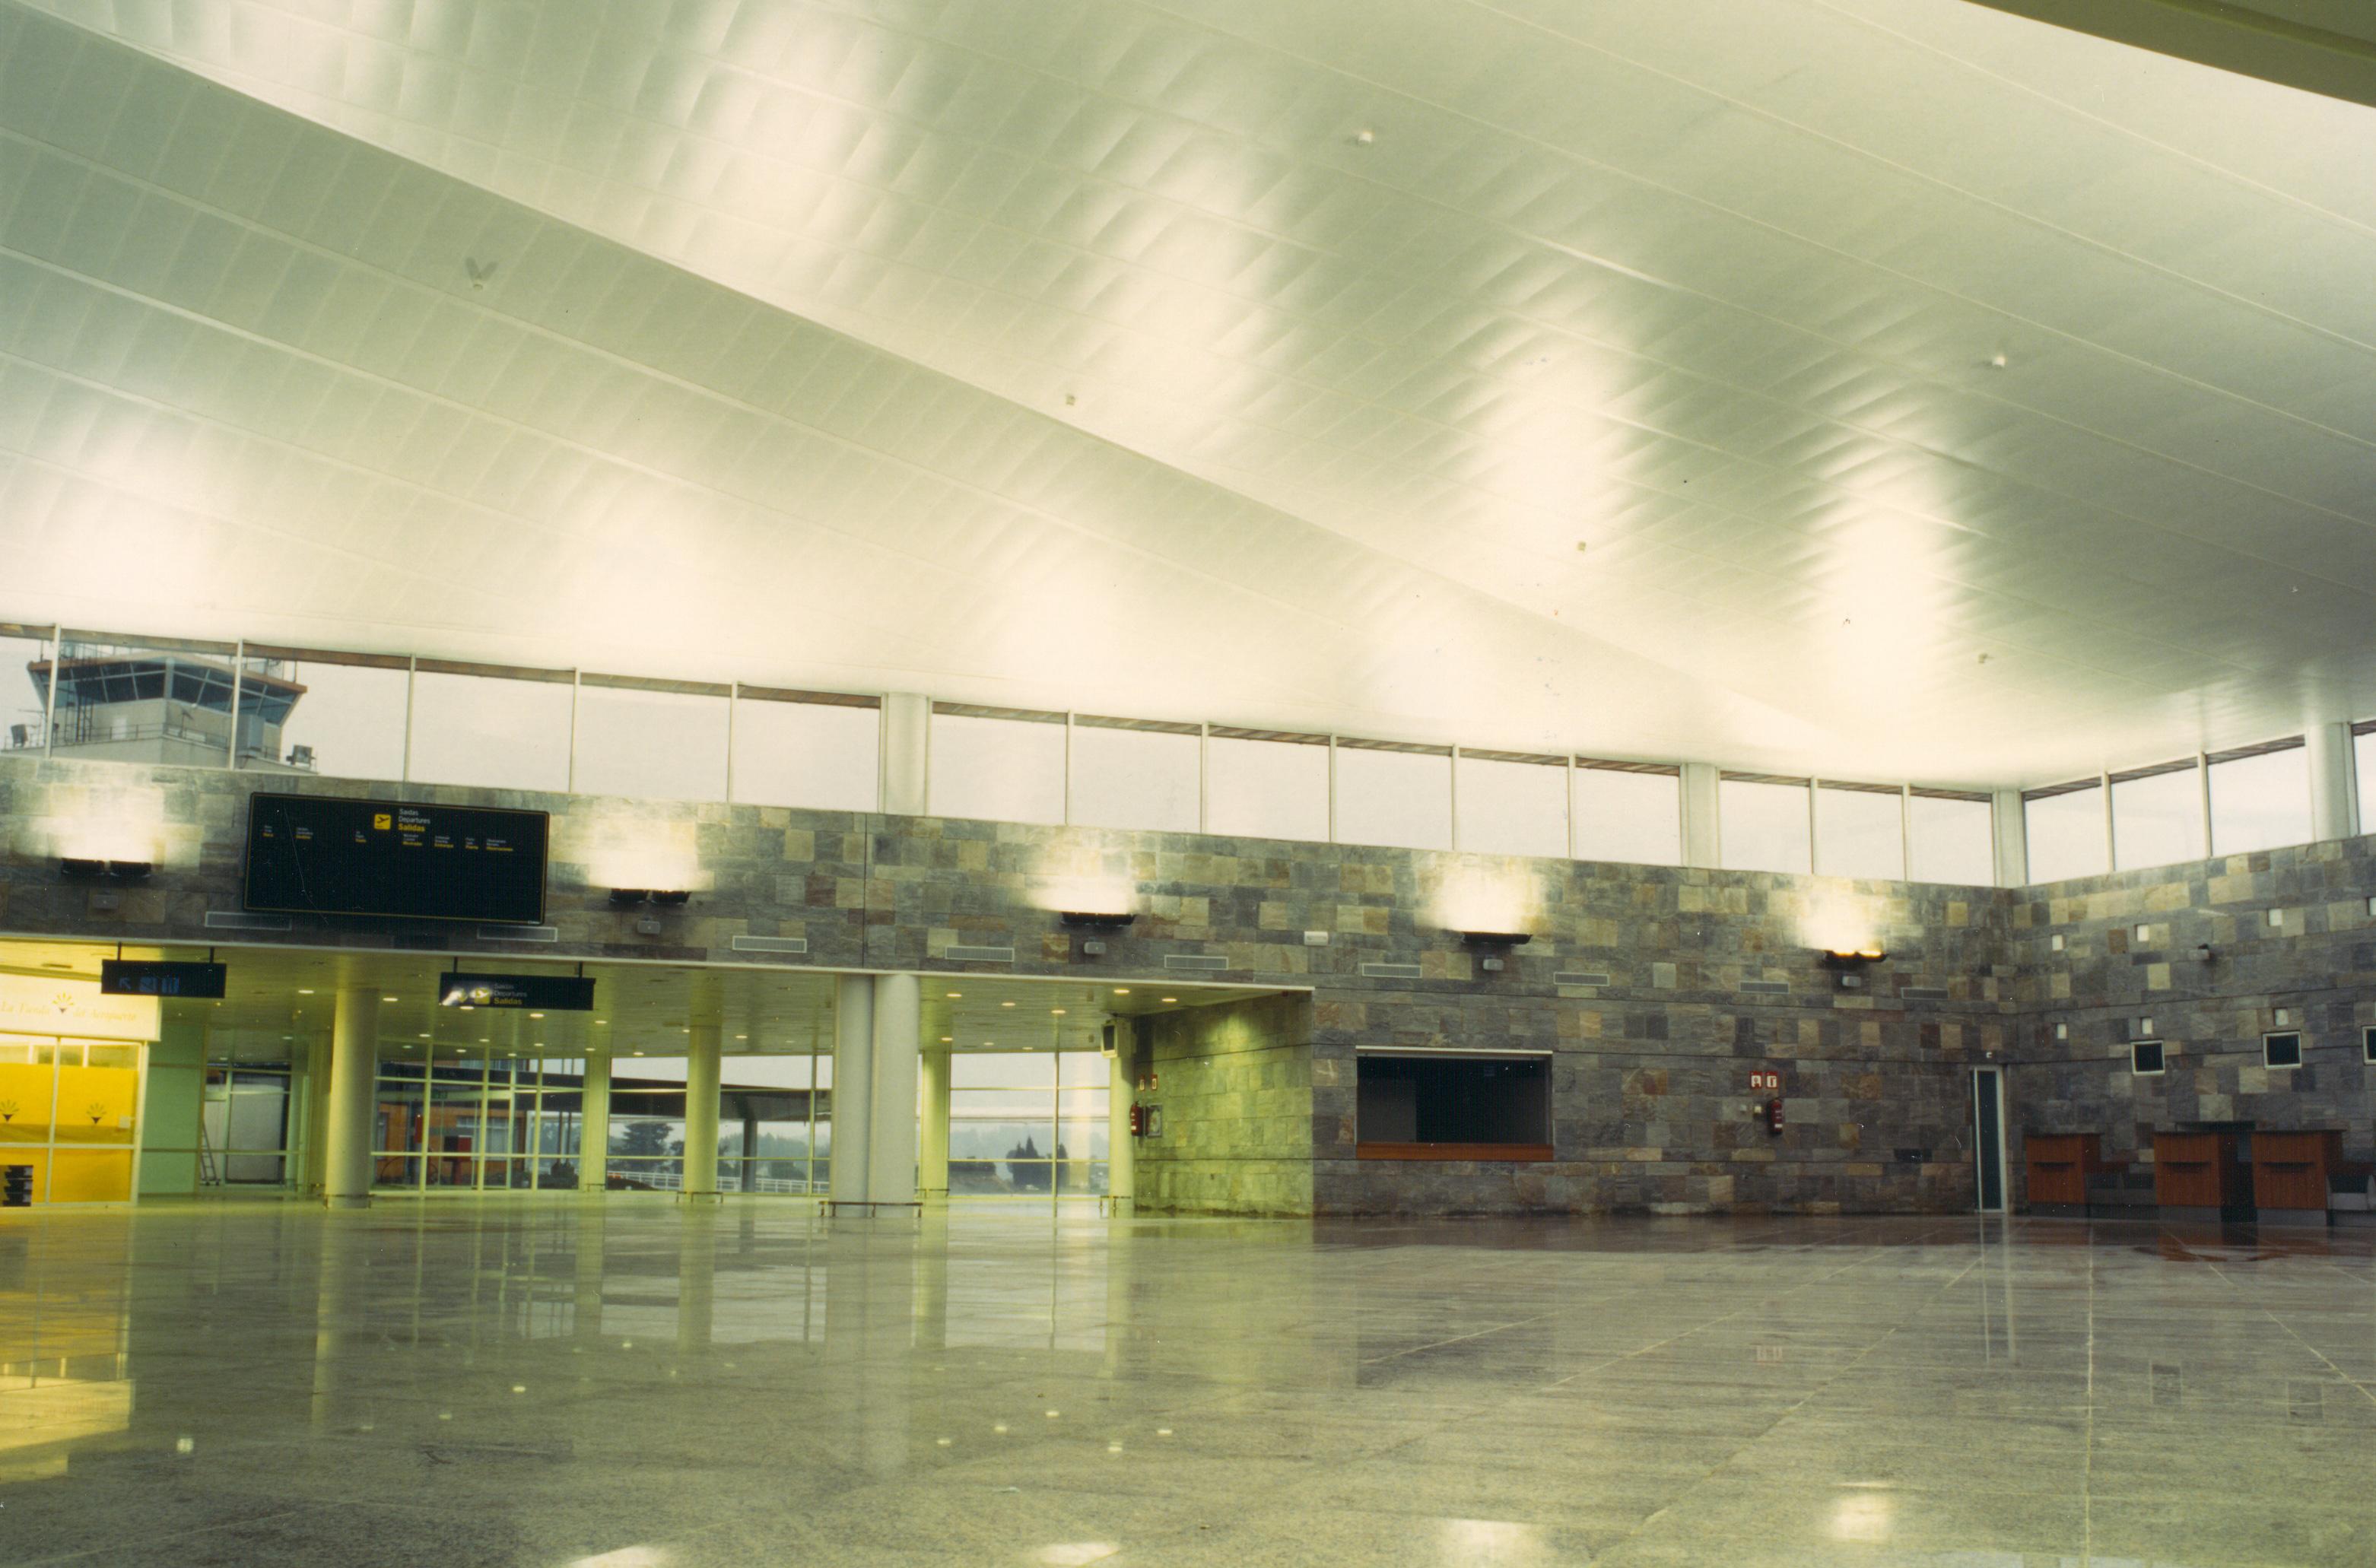 interiores entrada aeropuerto la Coruña